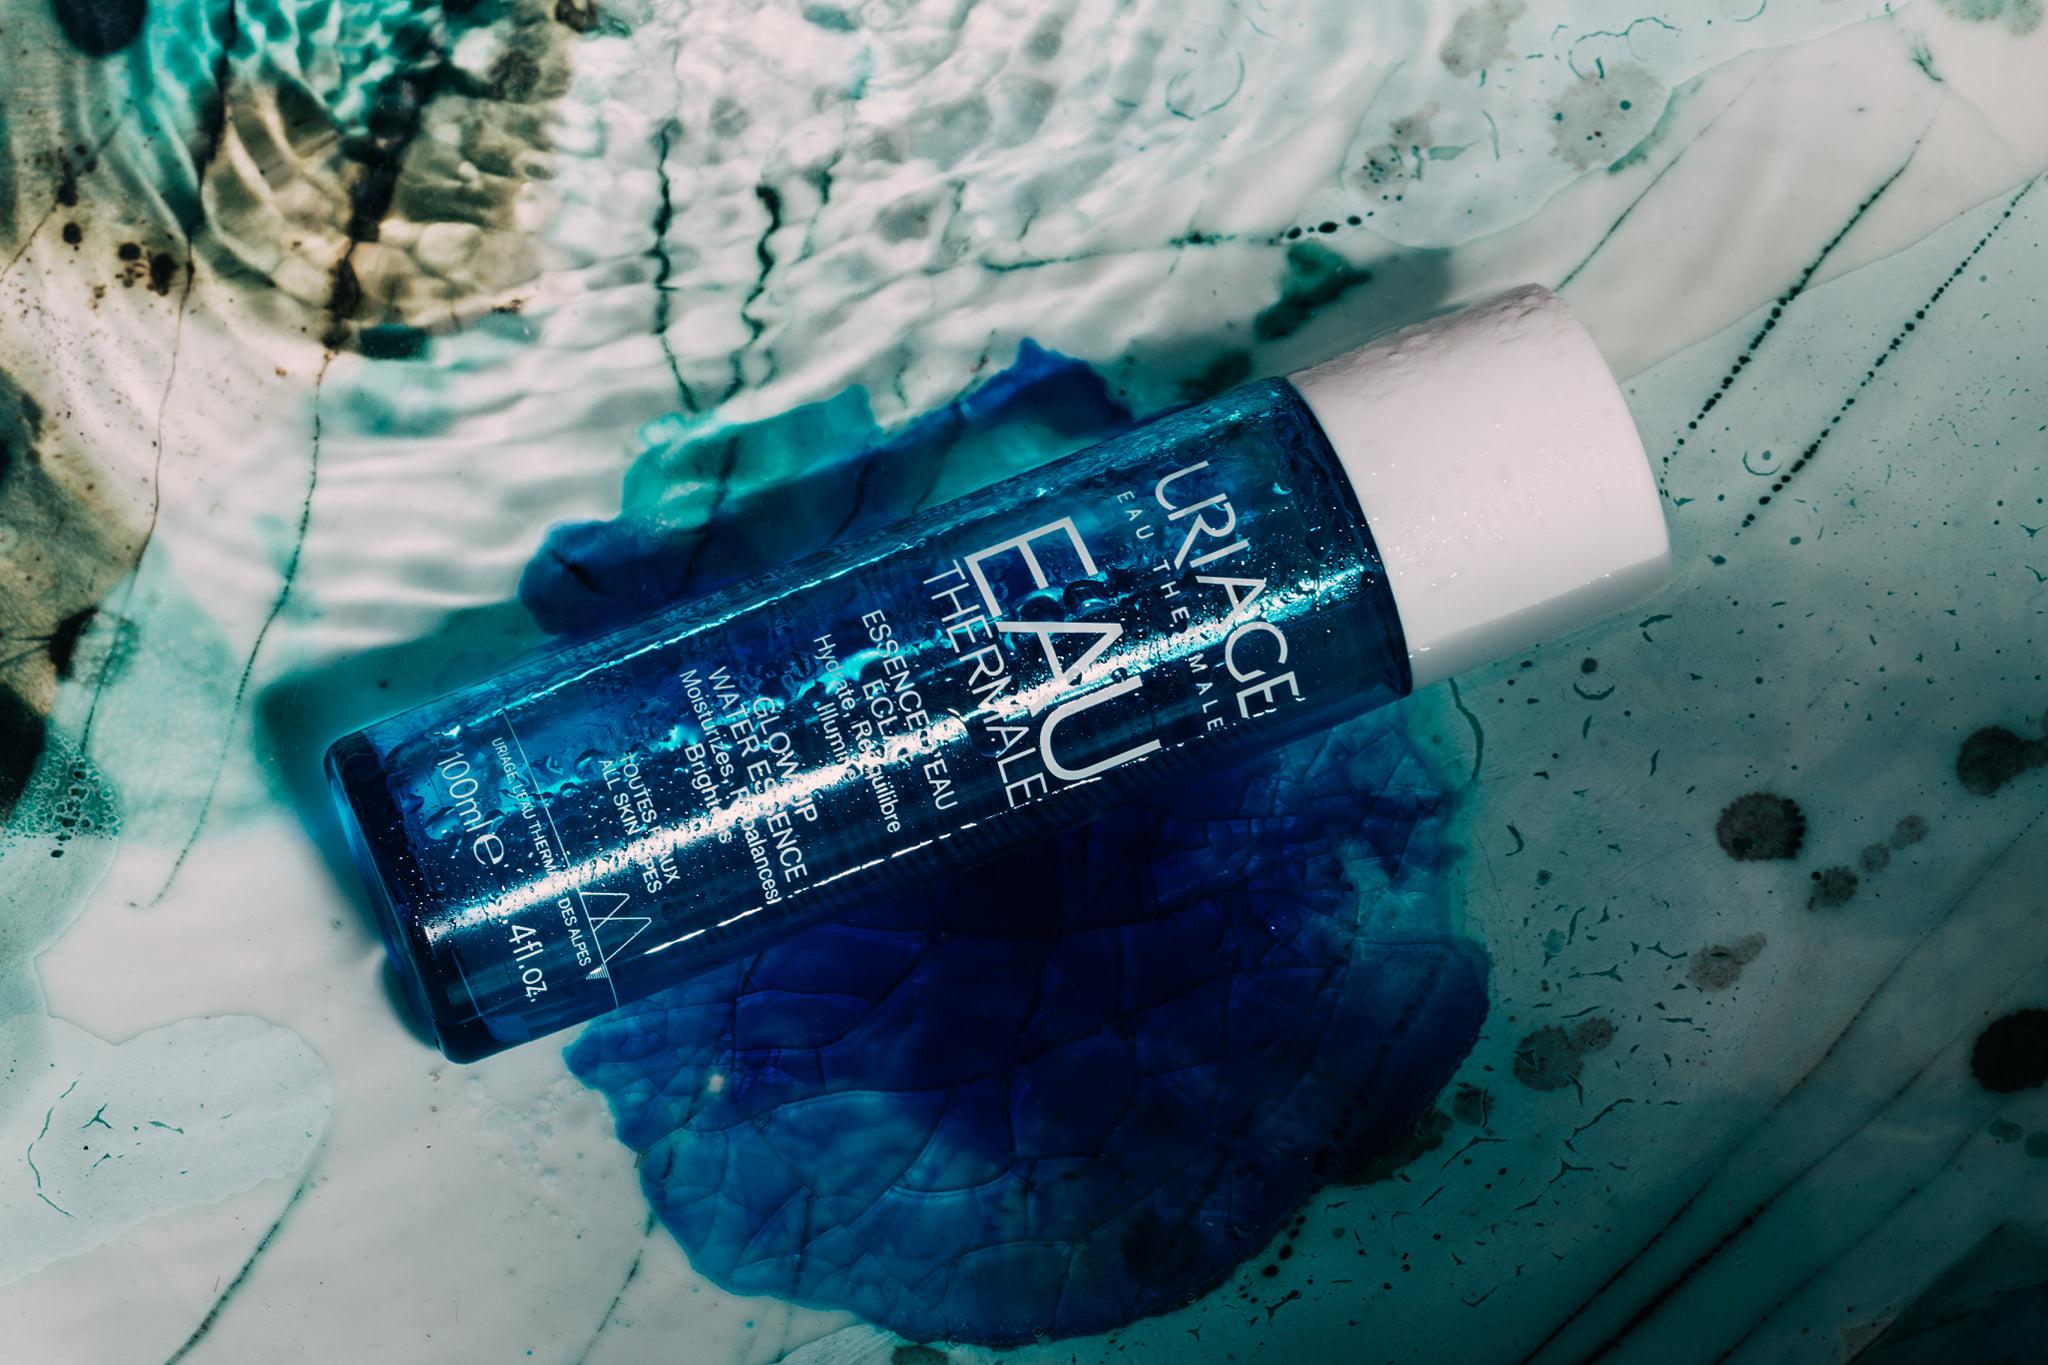 119769506 418959392408726 356837341242648766 o Ovaj beauty proizvod za hidrataciju je sve što nedostaje u tvojoj rutini nege